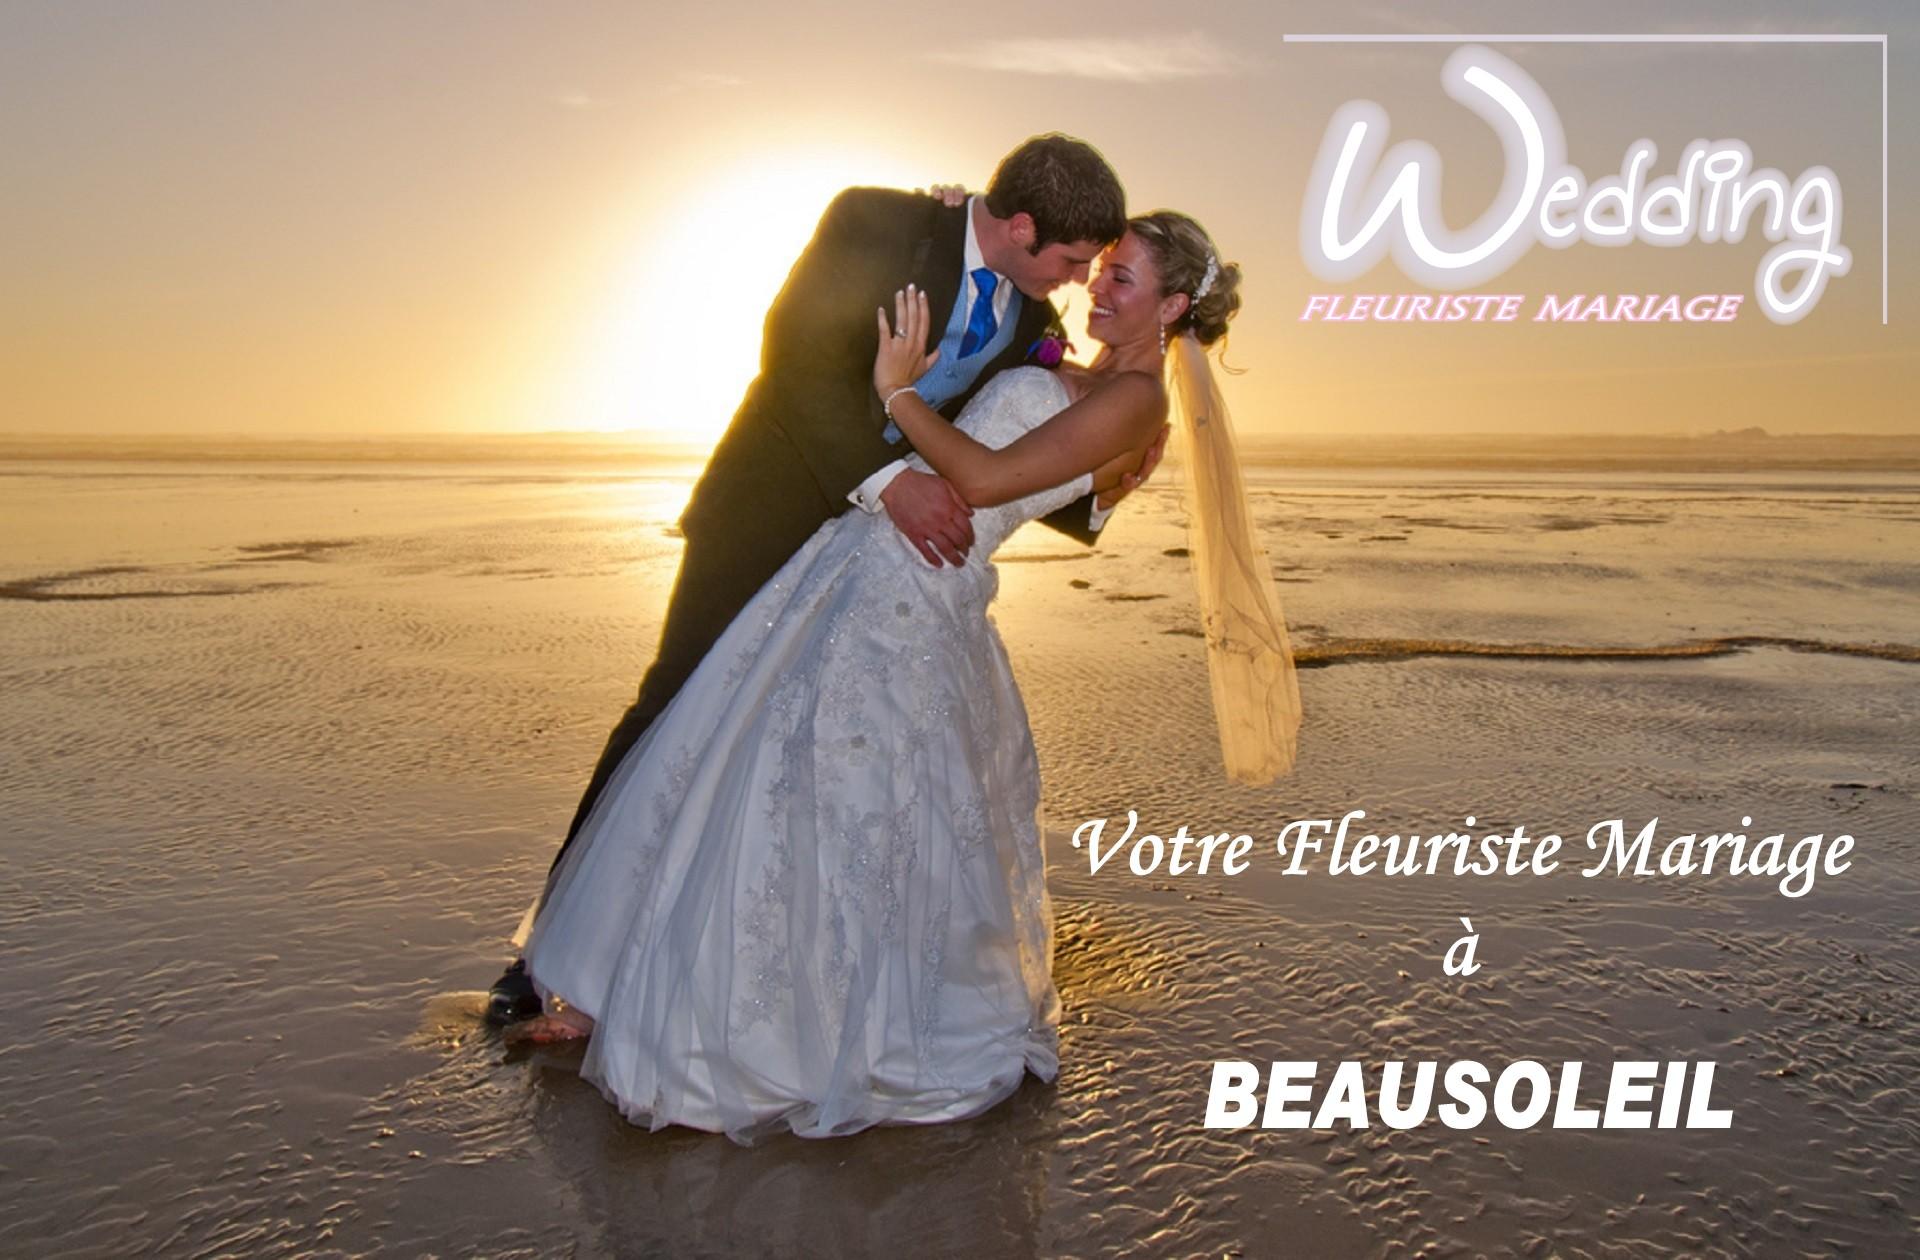 FLEURISTE MARIAGE BEAUSOLEIL - WEDDING PLANNER BEAUSOLEIL - TRAITEUR BEAUSOLEIL